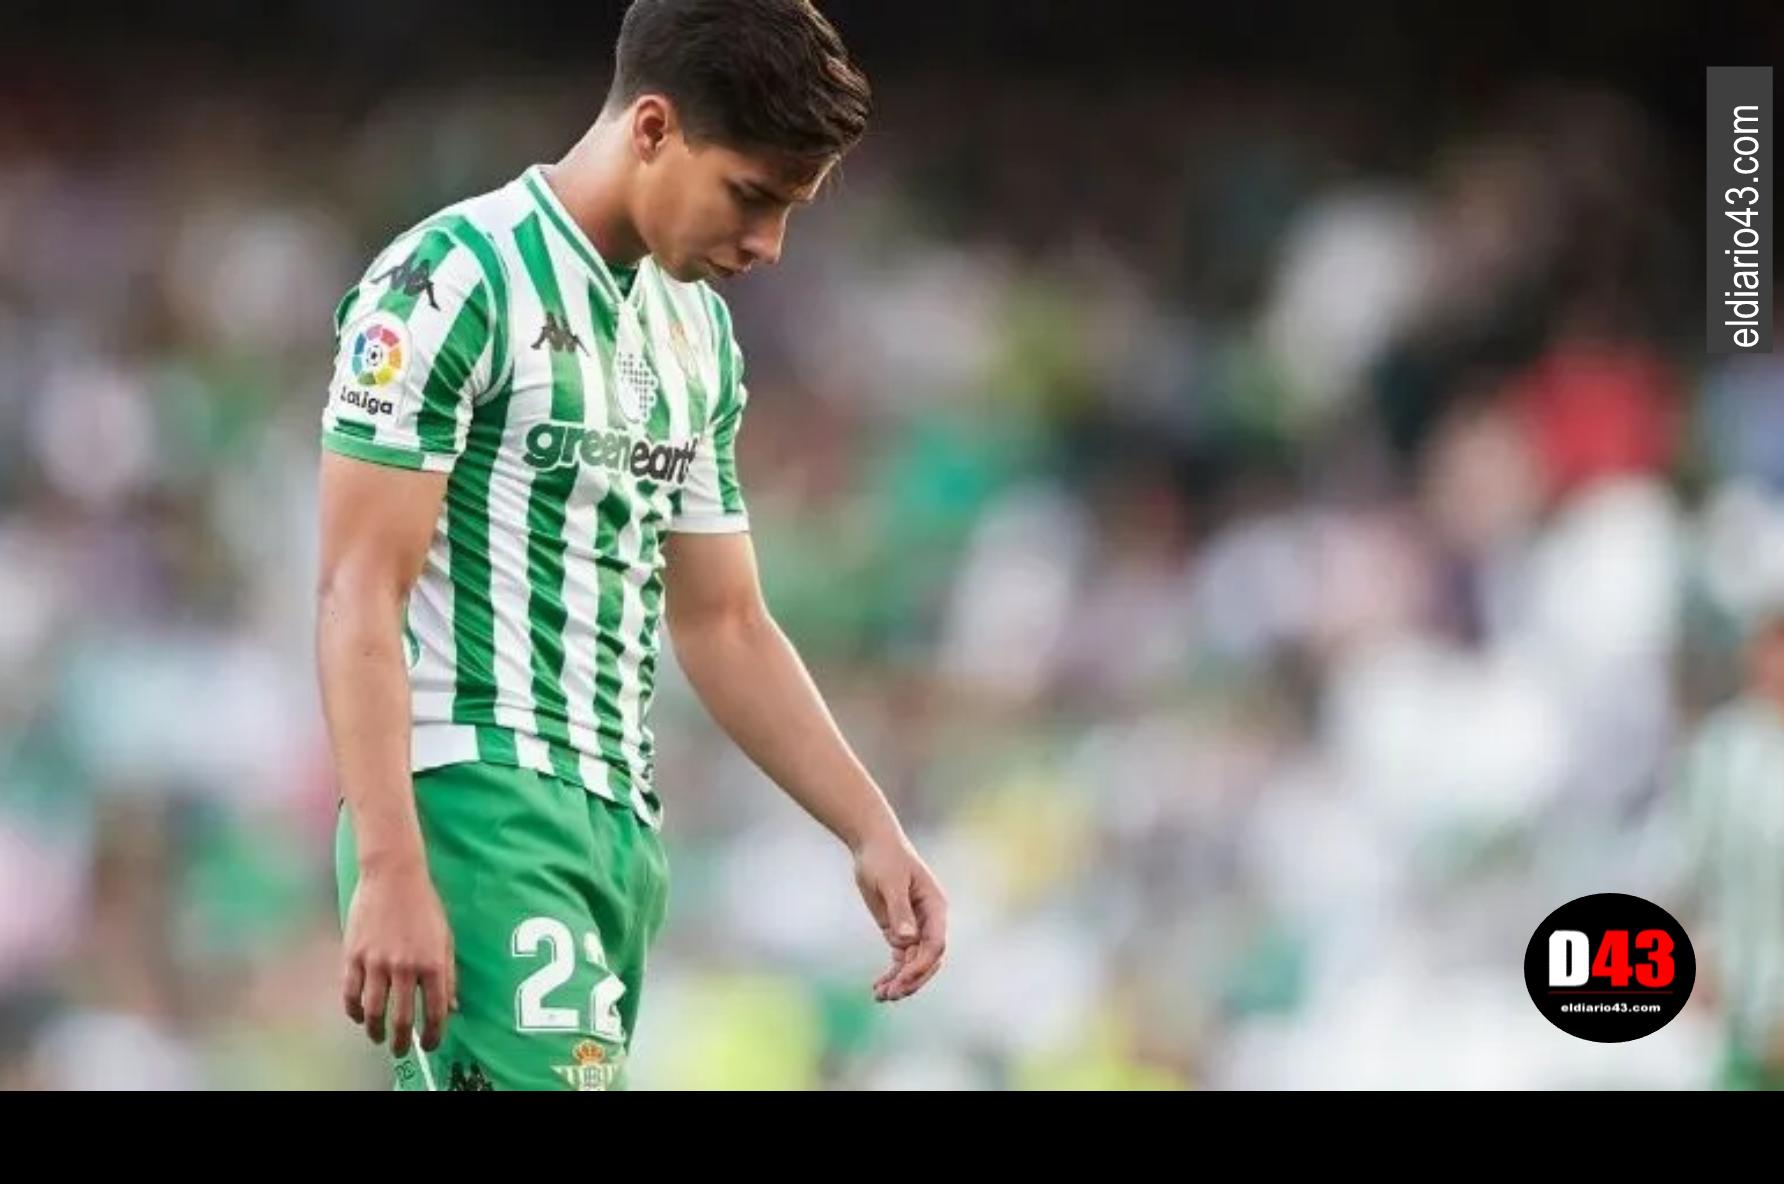 Diego Lainez fuera de los 20 finalistas para ser el 'Golden Boy'